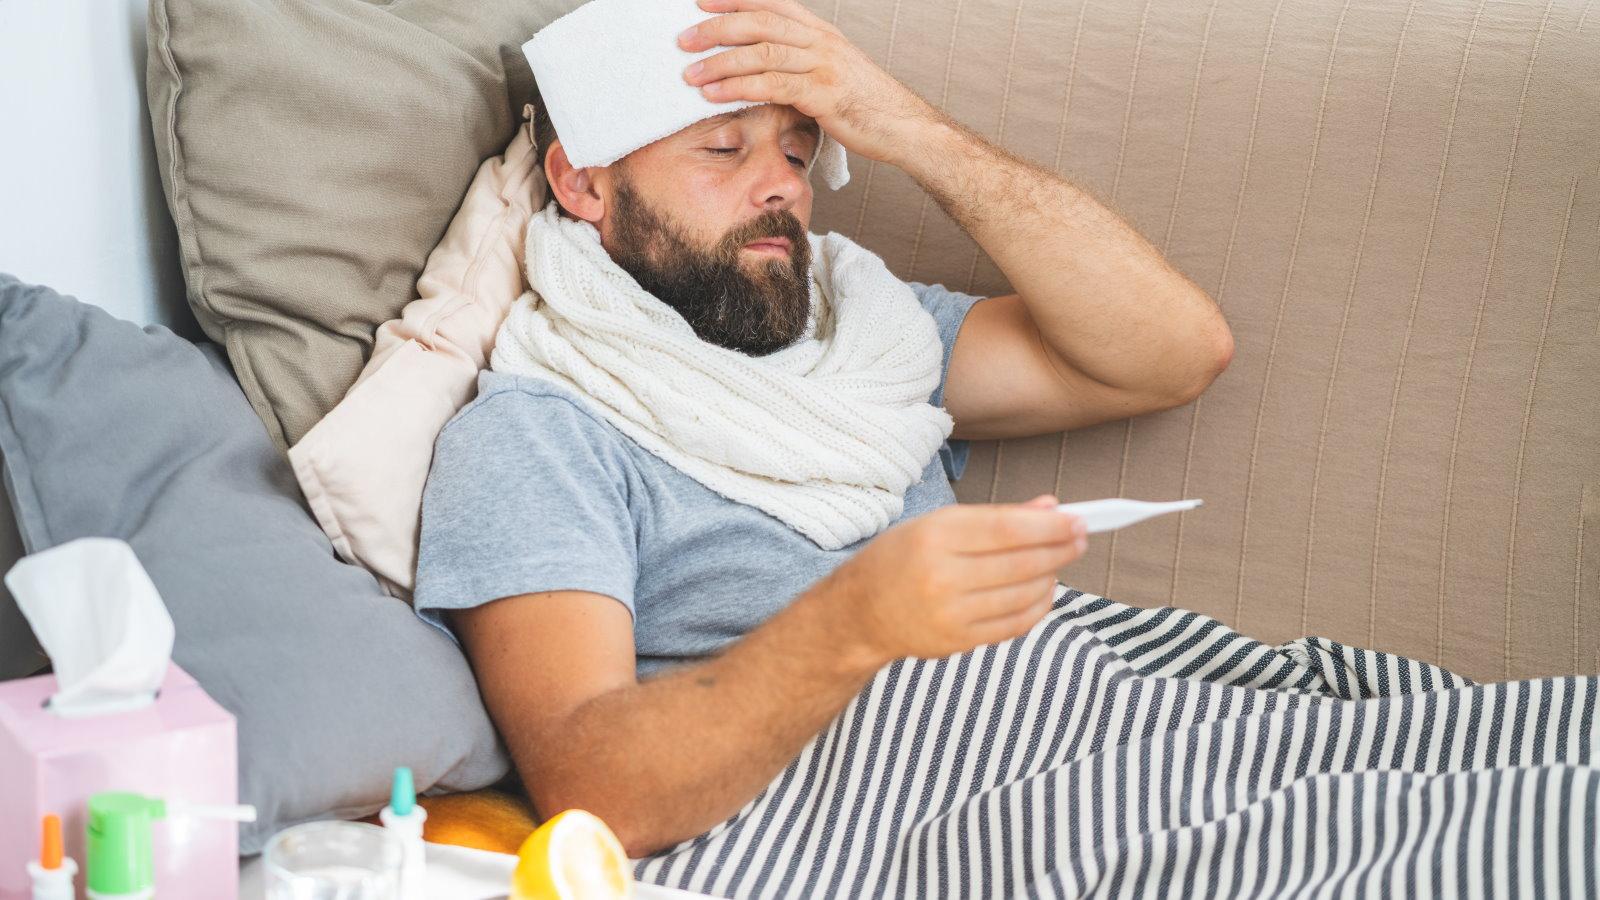 Снижение заболеваемости гриппом и ОРВИ заметили в Москве